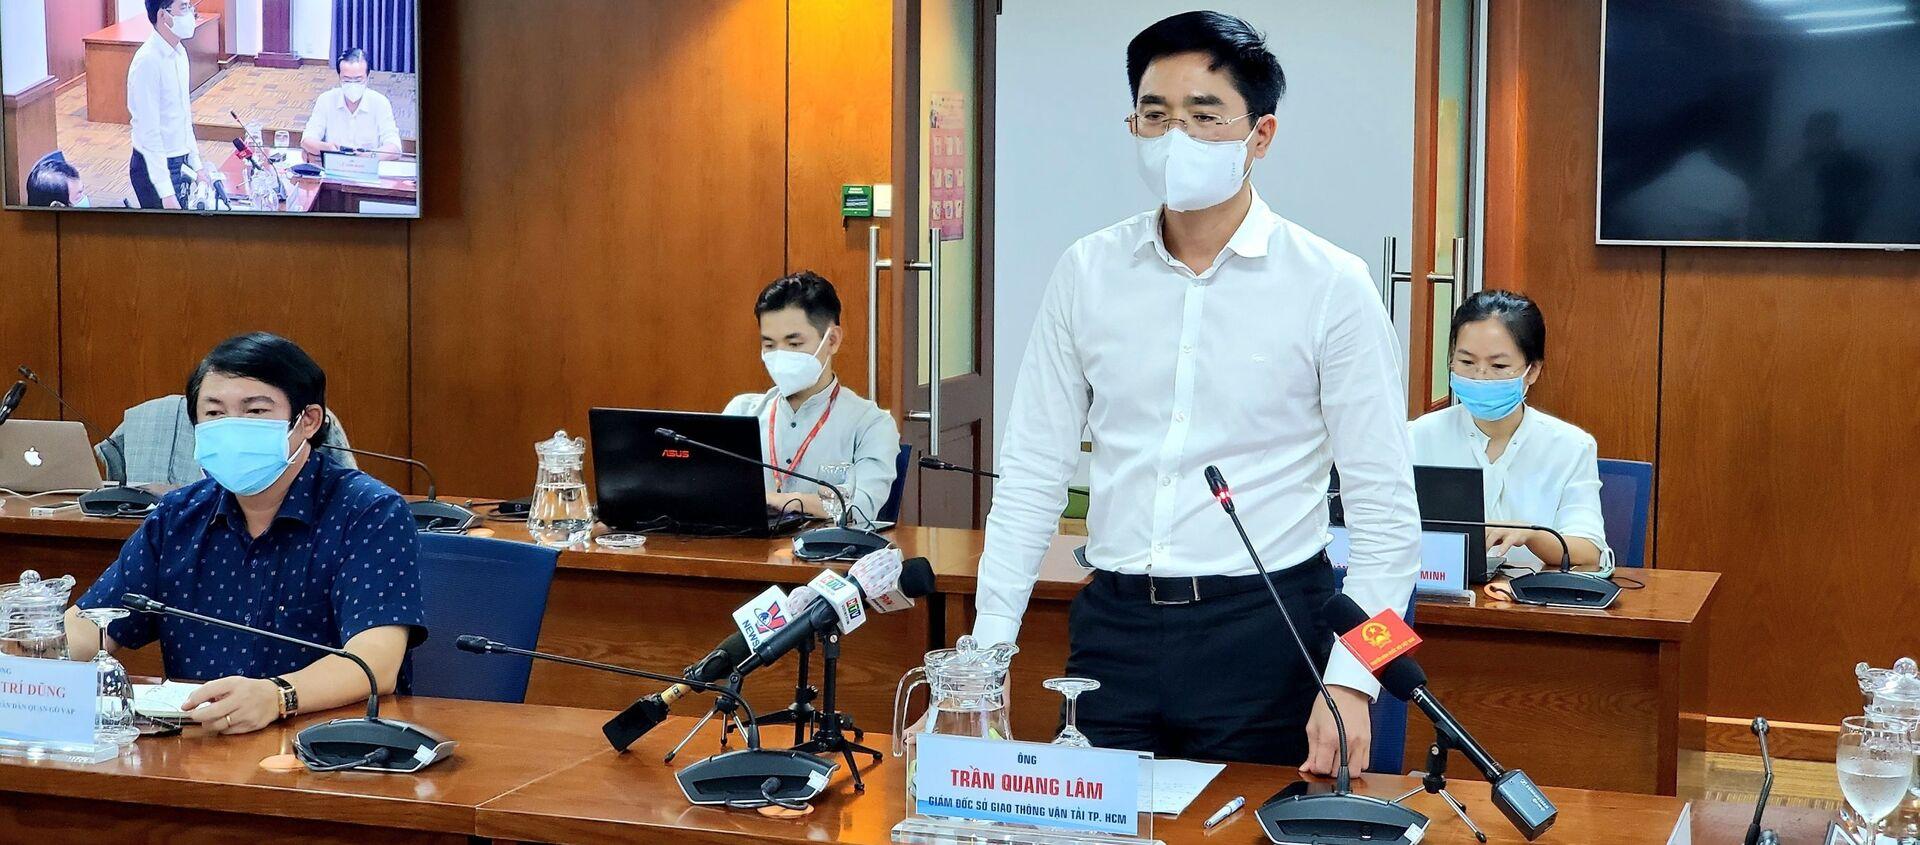 Ông Trần Quang Lâm, Giám đốc Sở Giao thông vận tải Thành phố Hồ Chí Minh thông tin tại buổi họp báo. - Sputnik Việt Nam, 1920, 13.07.2021